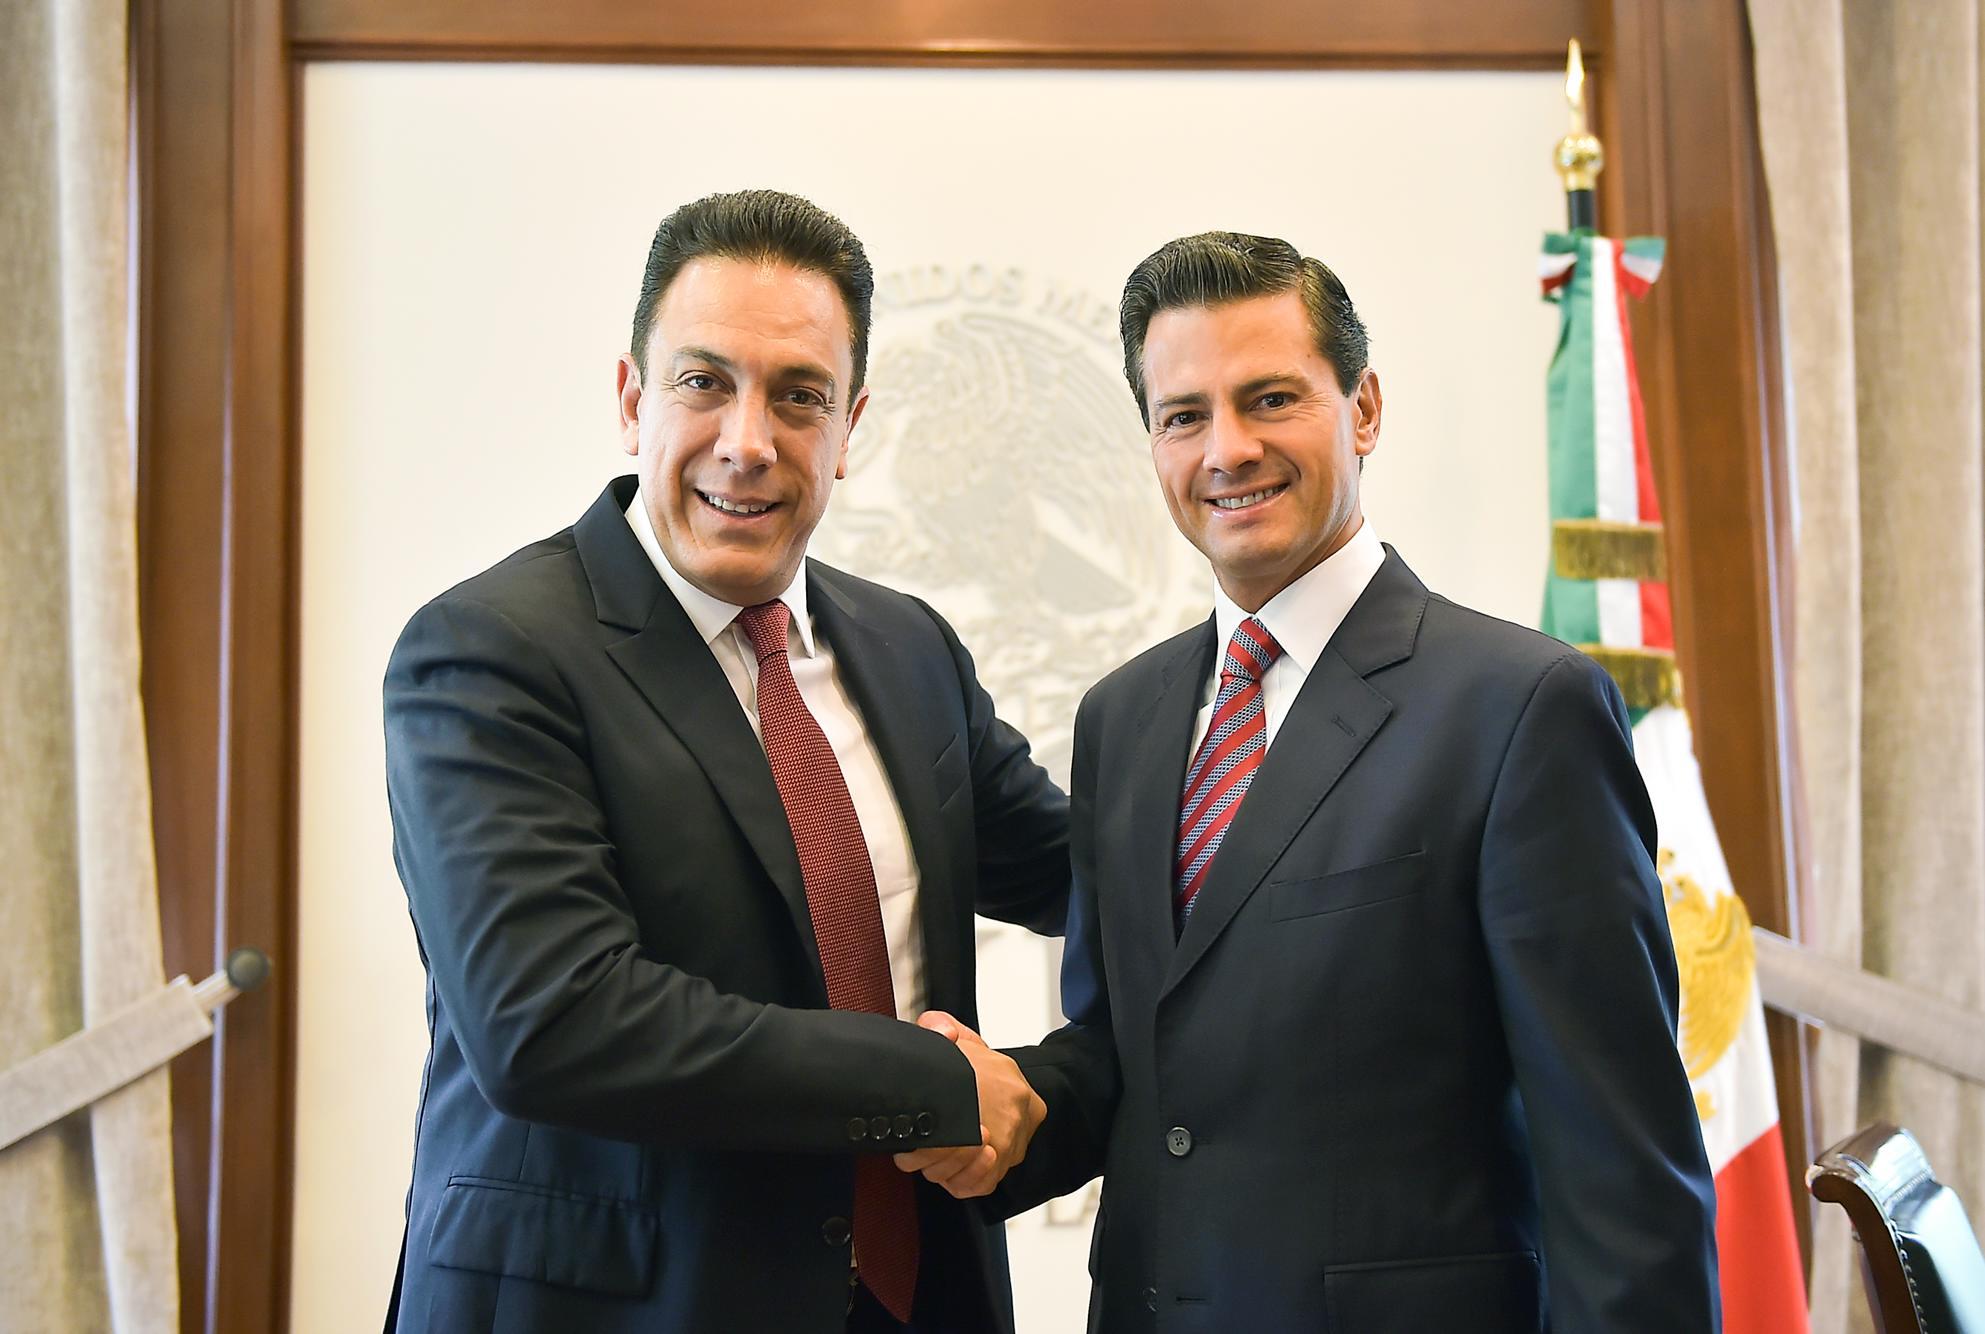 El Primer Mandatario recibió al Gobernador Electo de Hidalgo, Omar Fayad Meneses, en la Residencia Oficial de Los Pinos.